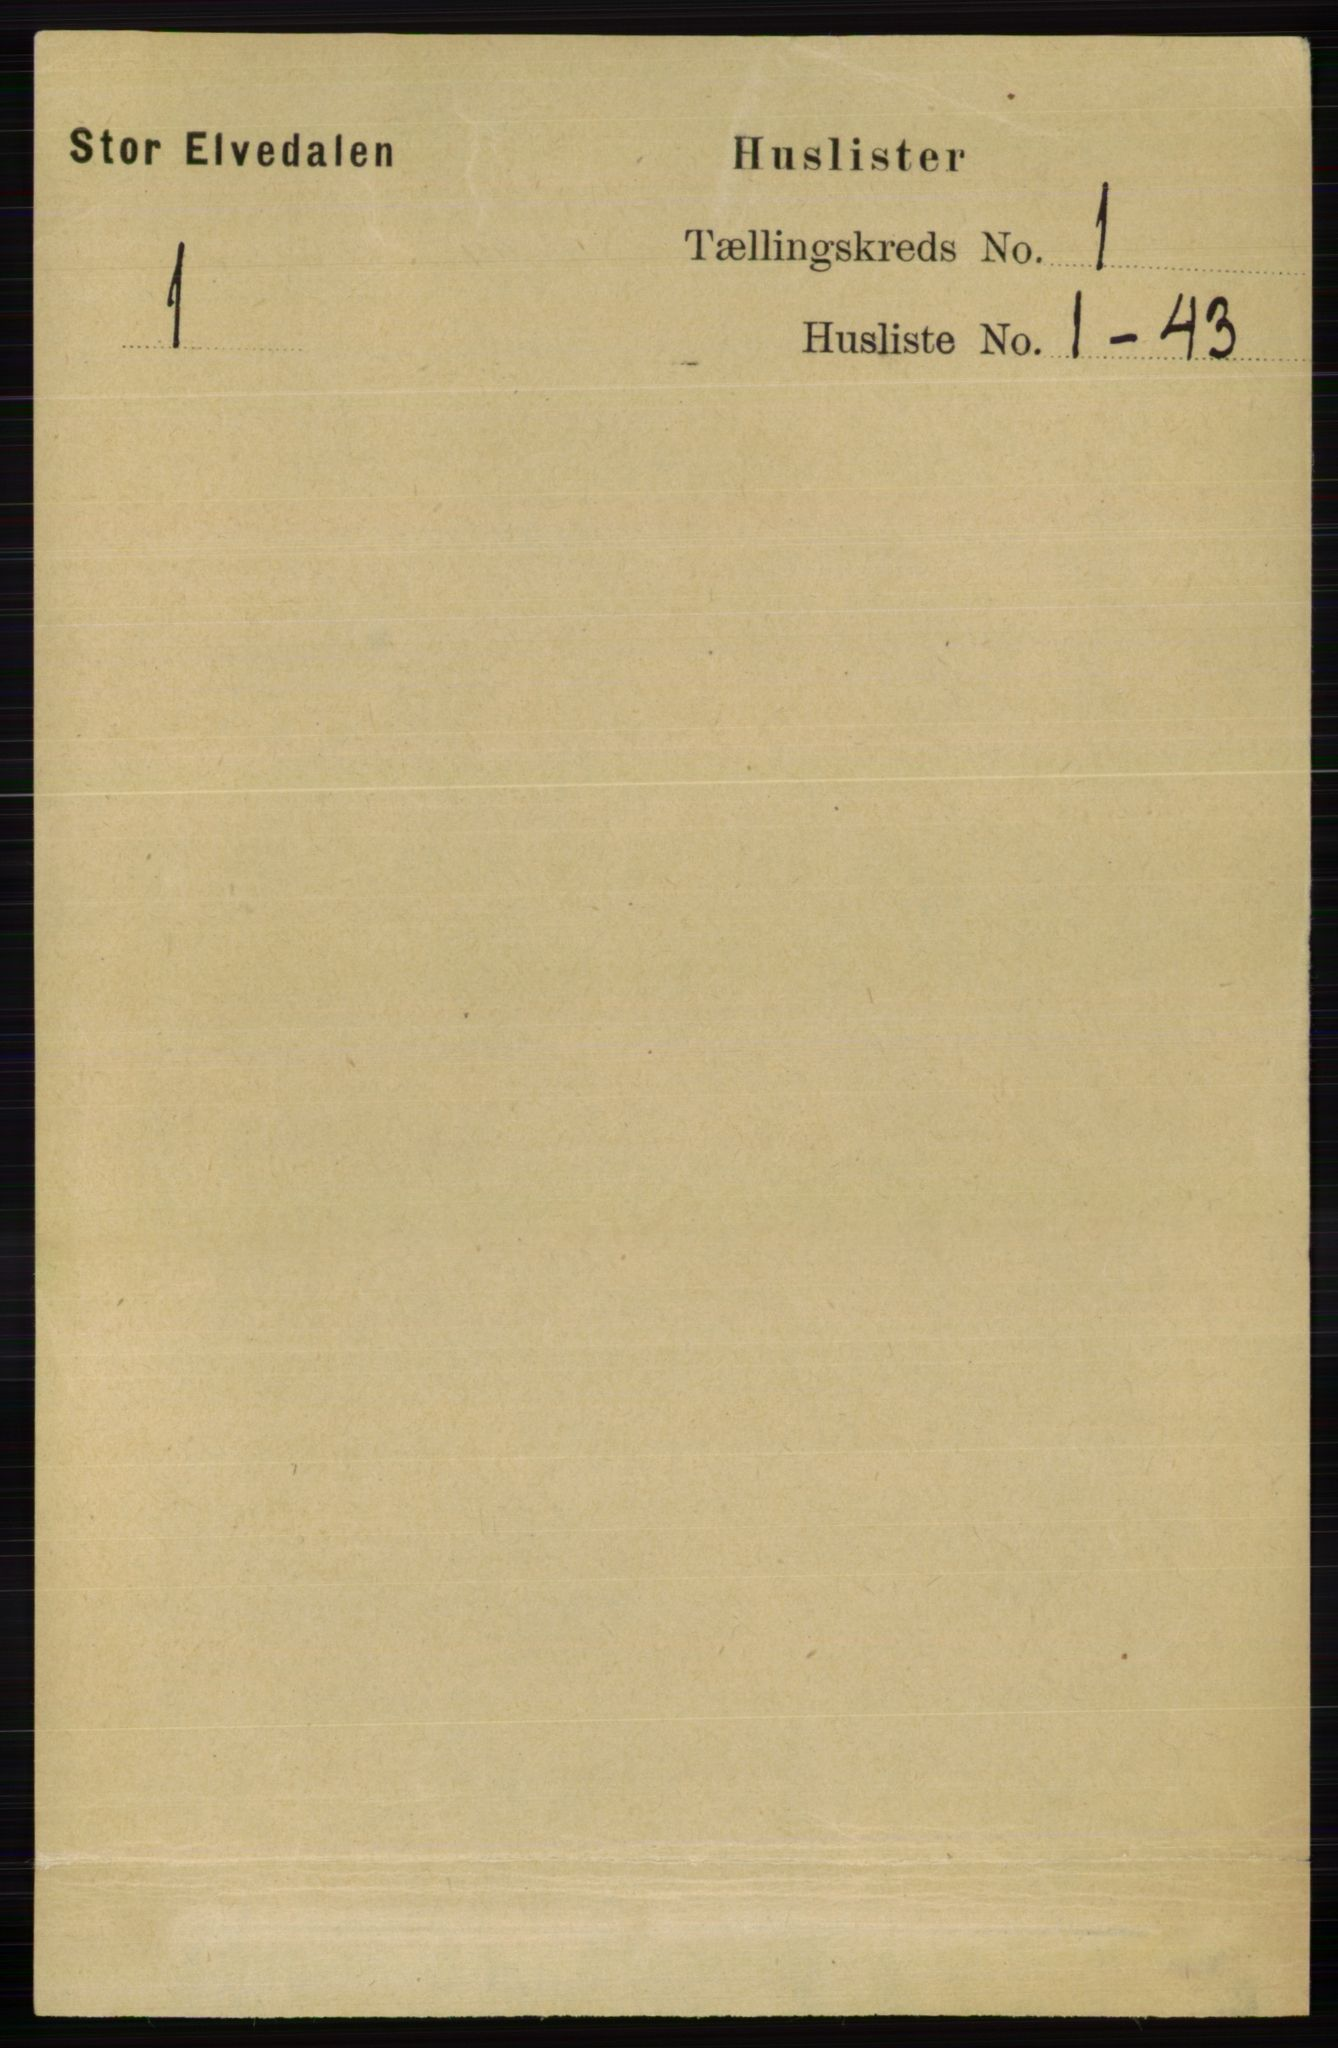 RA, Folketelling 1891 for 0430 Stor-Elvdal herred, 1891, s. 24